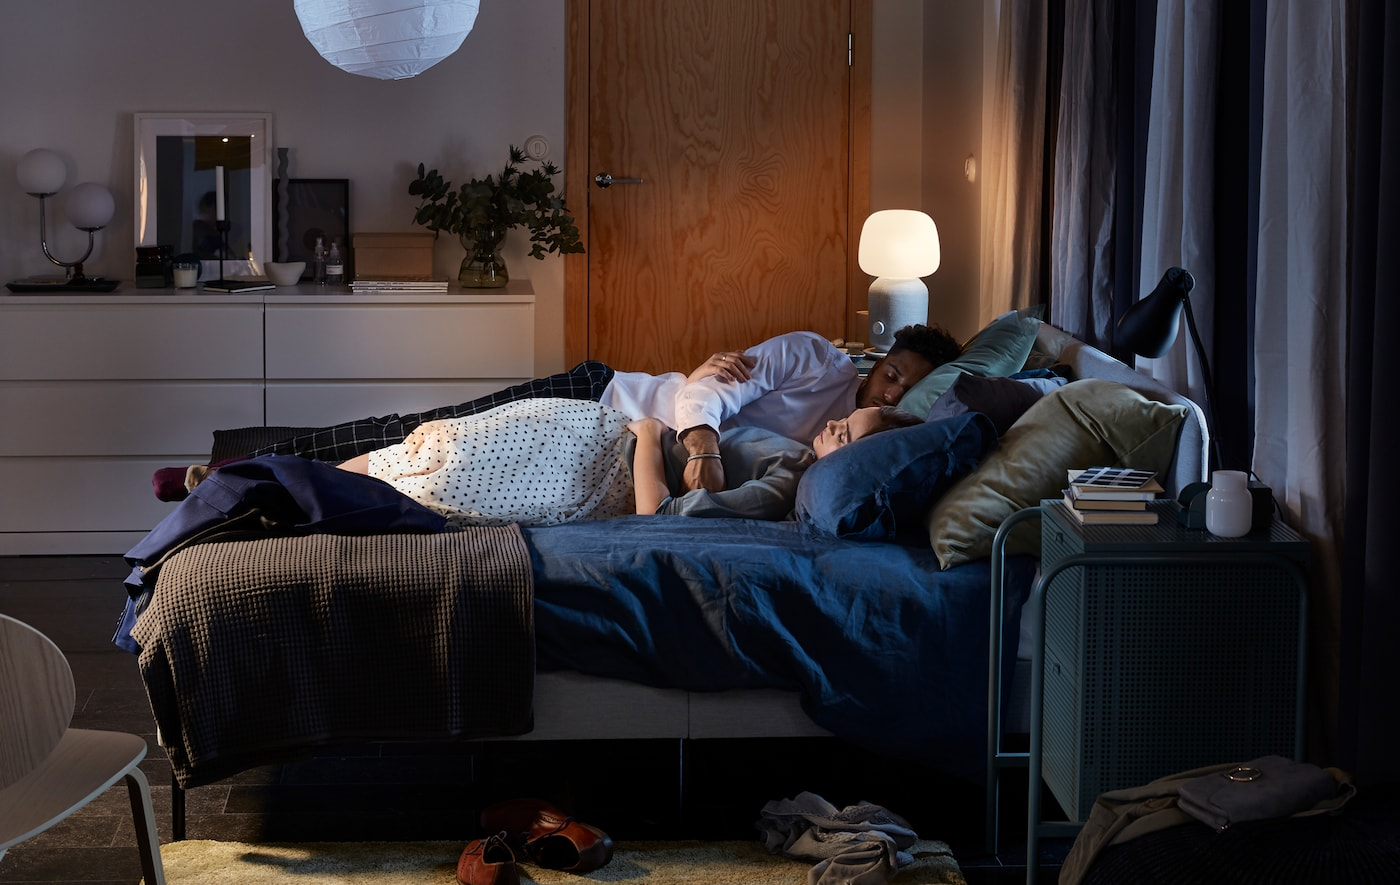 Un couple dort enlacé dans un lit matelassé SLATTUM, une enceinte WiFi lampe de table SYMFONISK allumée à l'arrière-plan.